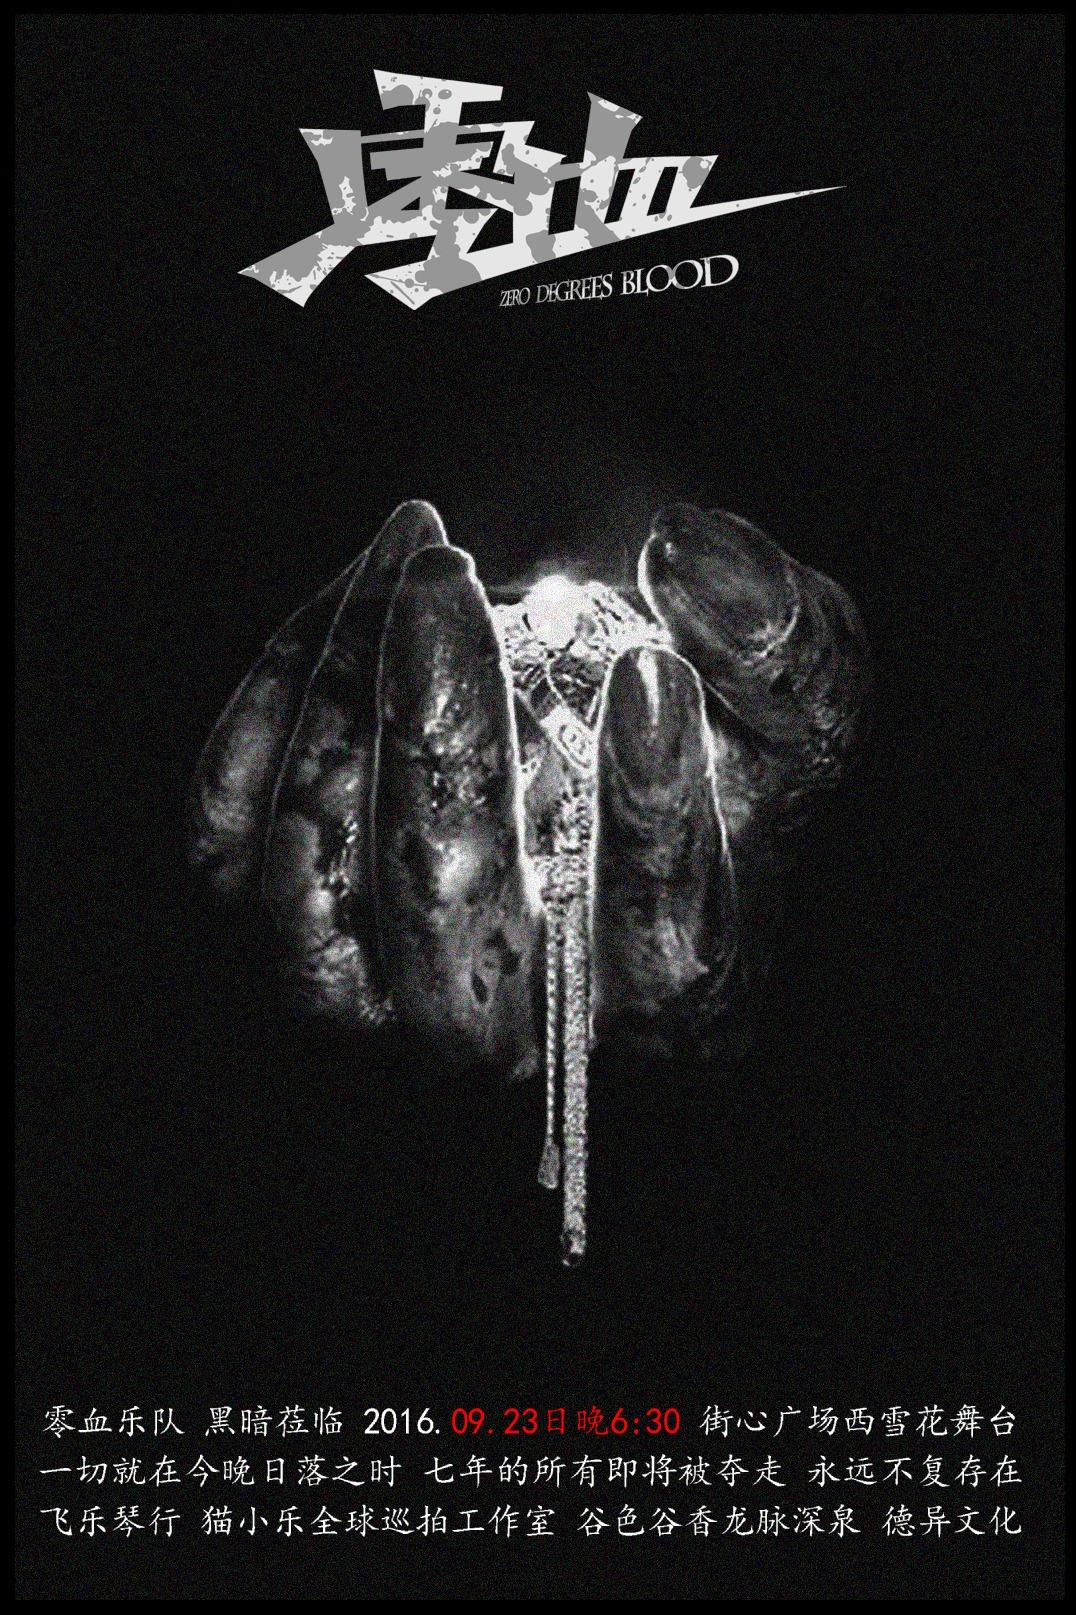 零血乐队 9.23黑暗莅临 专场演出